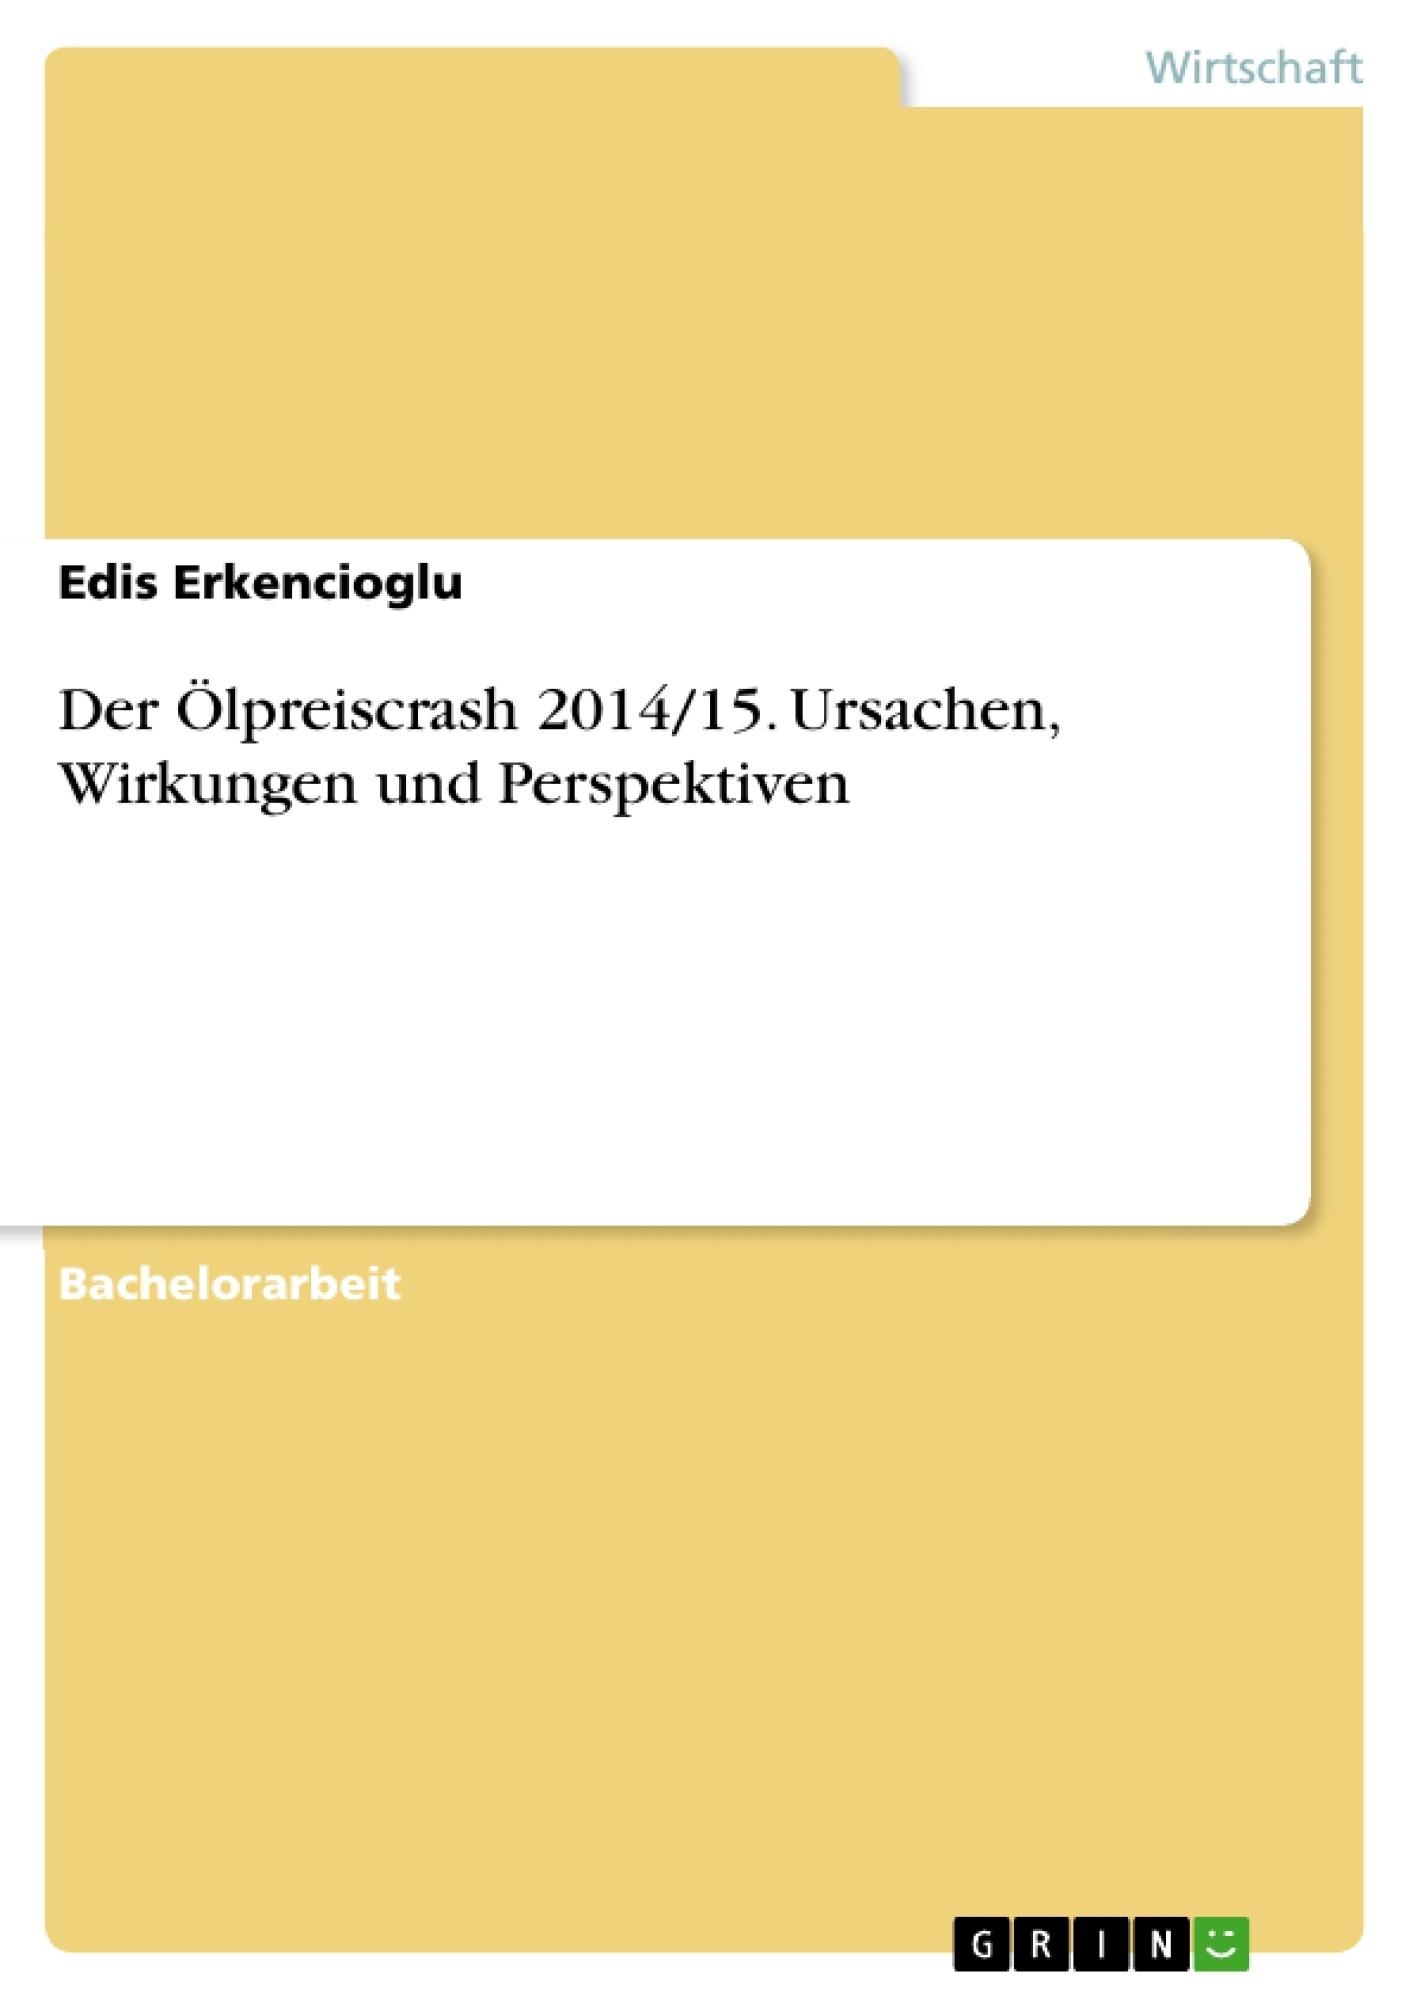 Titel: Der Ölpreiscrash 2014/15. Ursachen, Wirkungen und Perspektiven